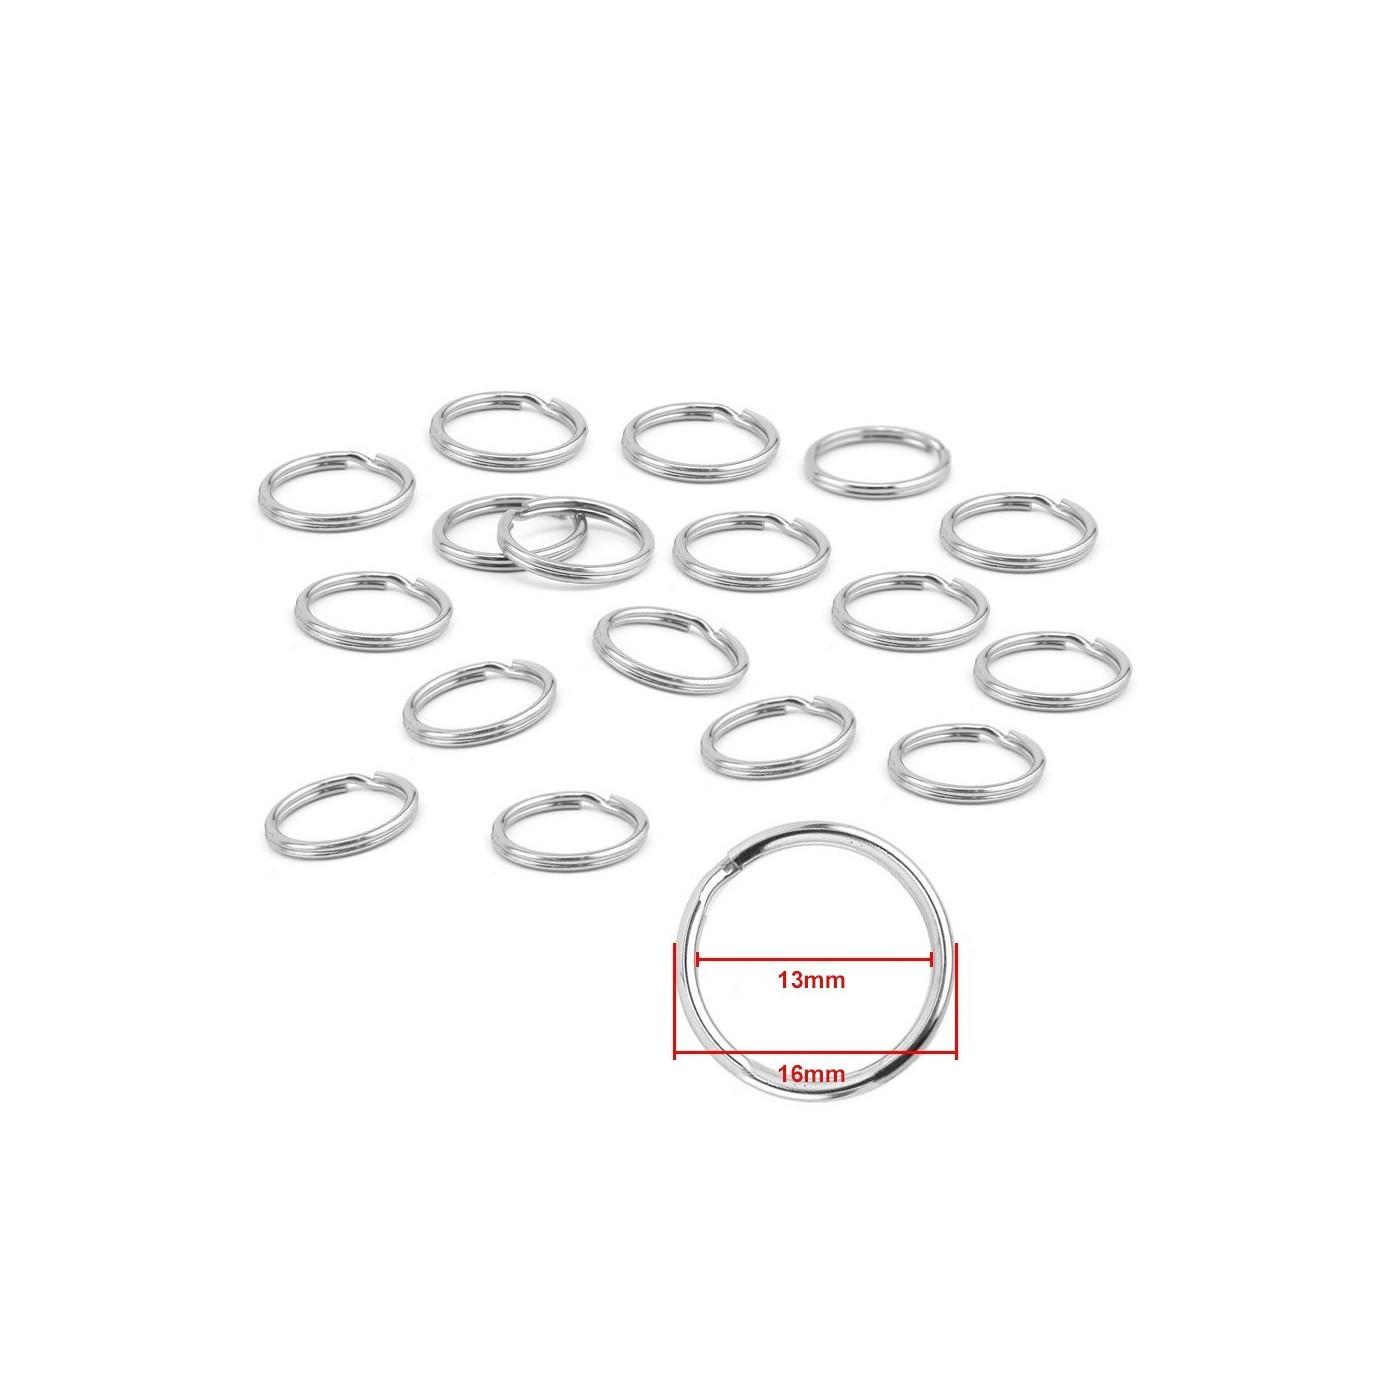 Conjunto de 180 llaveros para llaveros (16 mm, niquelado)  - 1